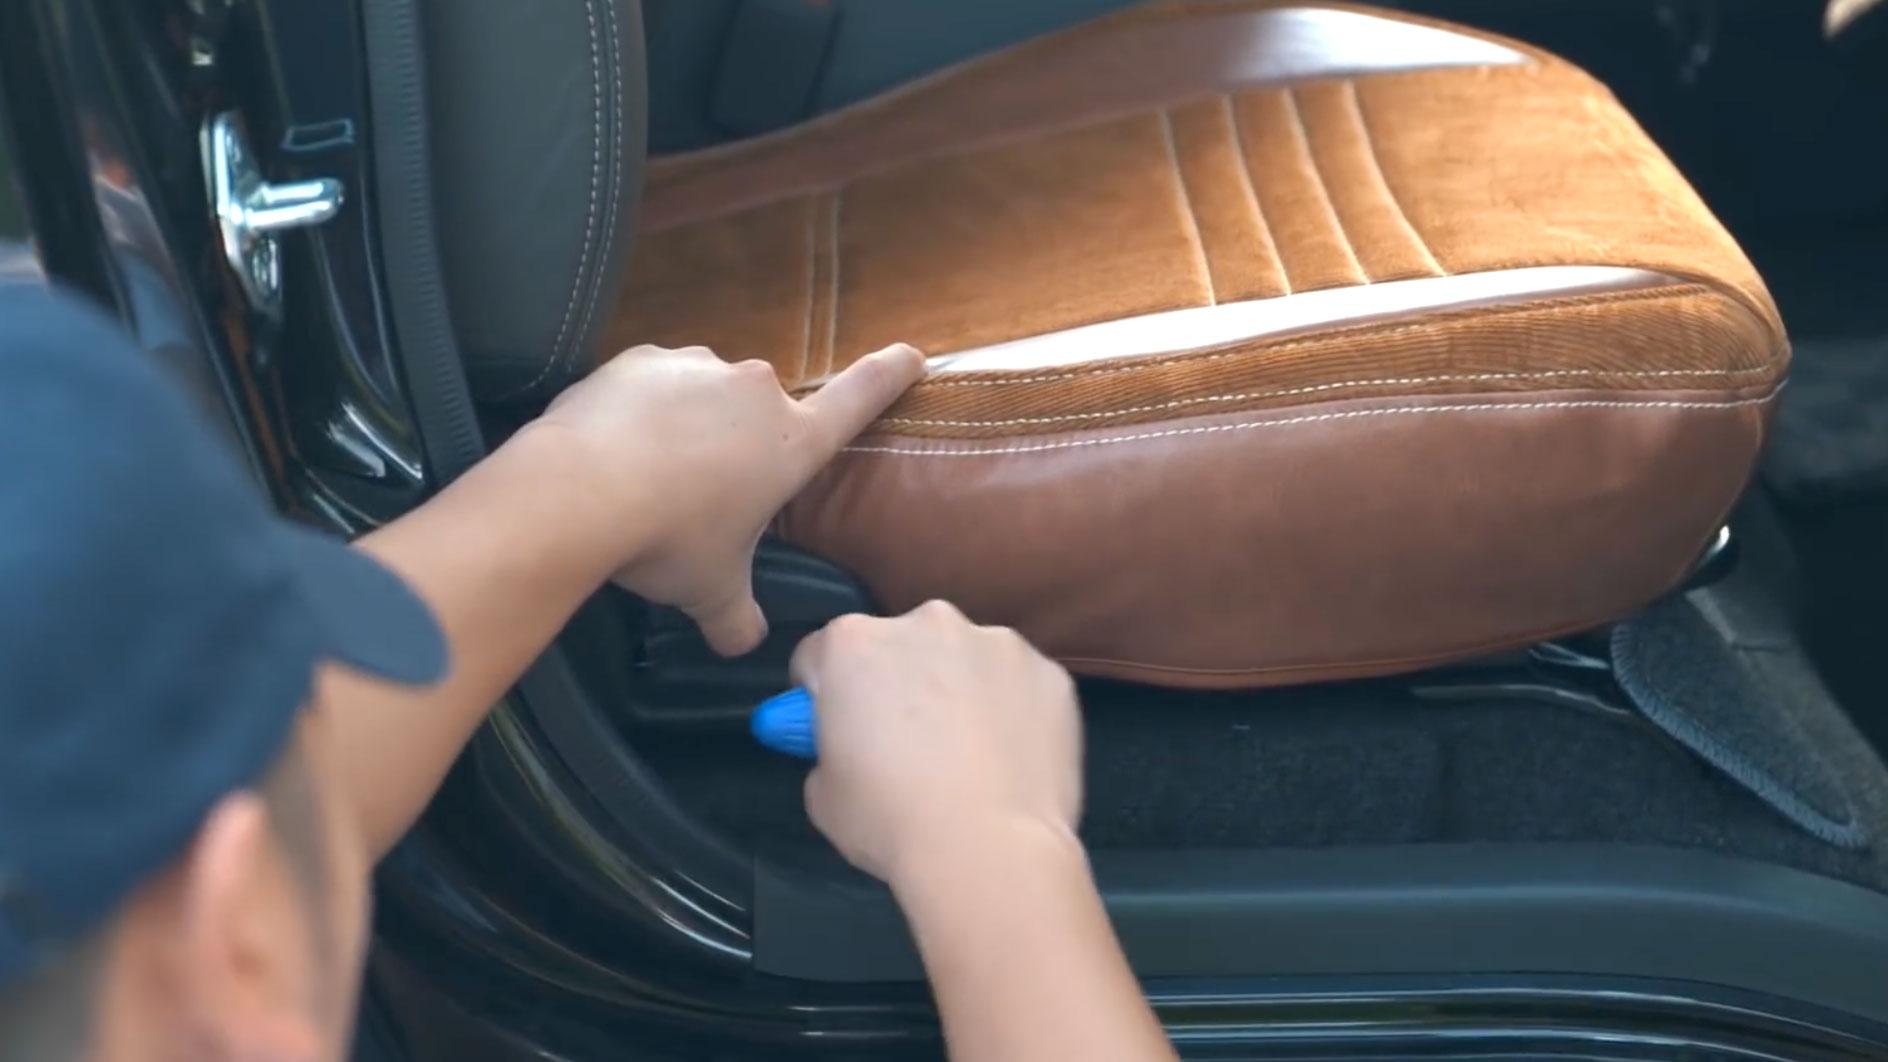 それぞれの車に合わせて細かいフィッティングが意識されて作られています